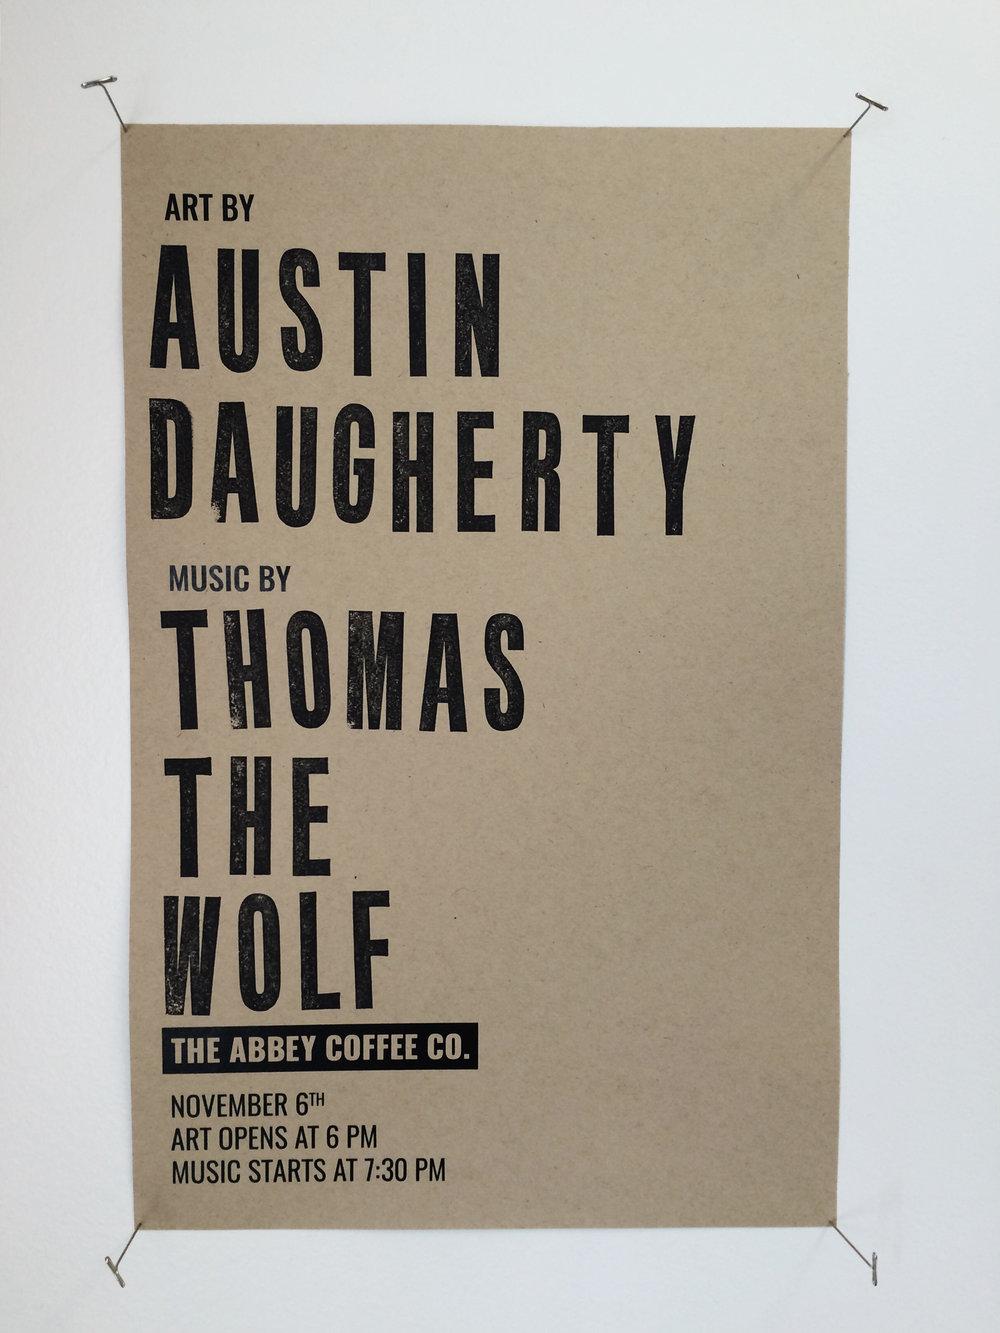 Nov 6 Show Poster